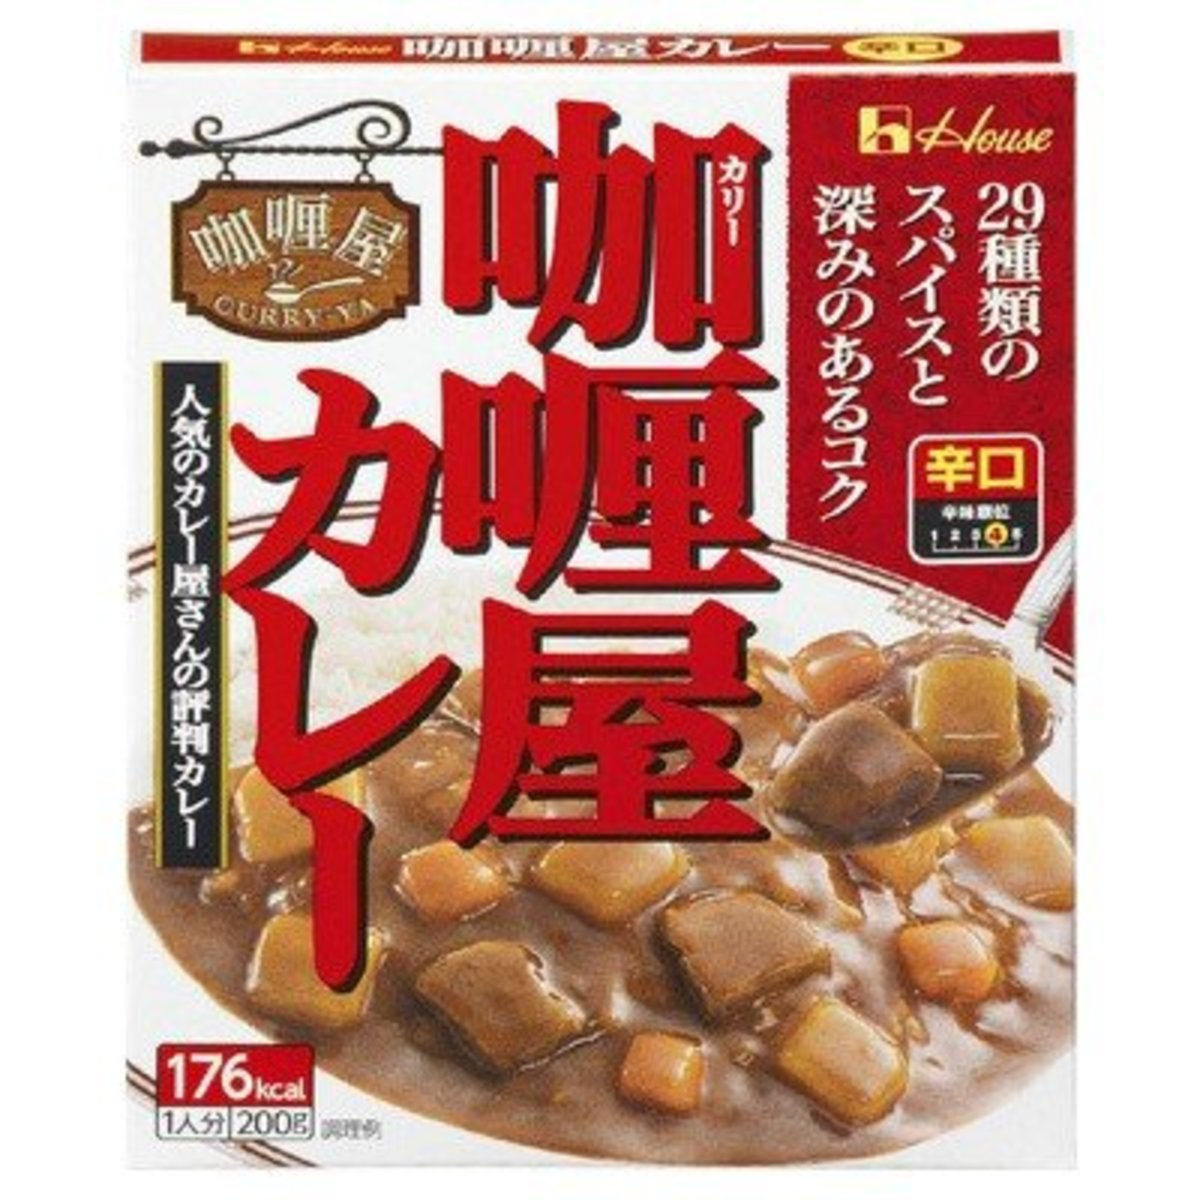 Kari-ya Curry Spicy 200g